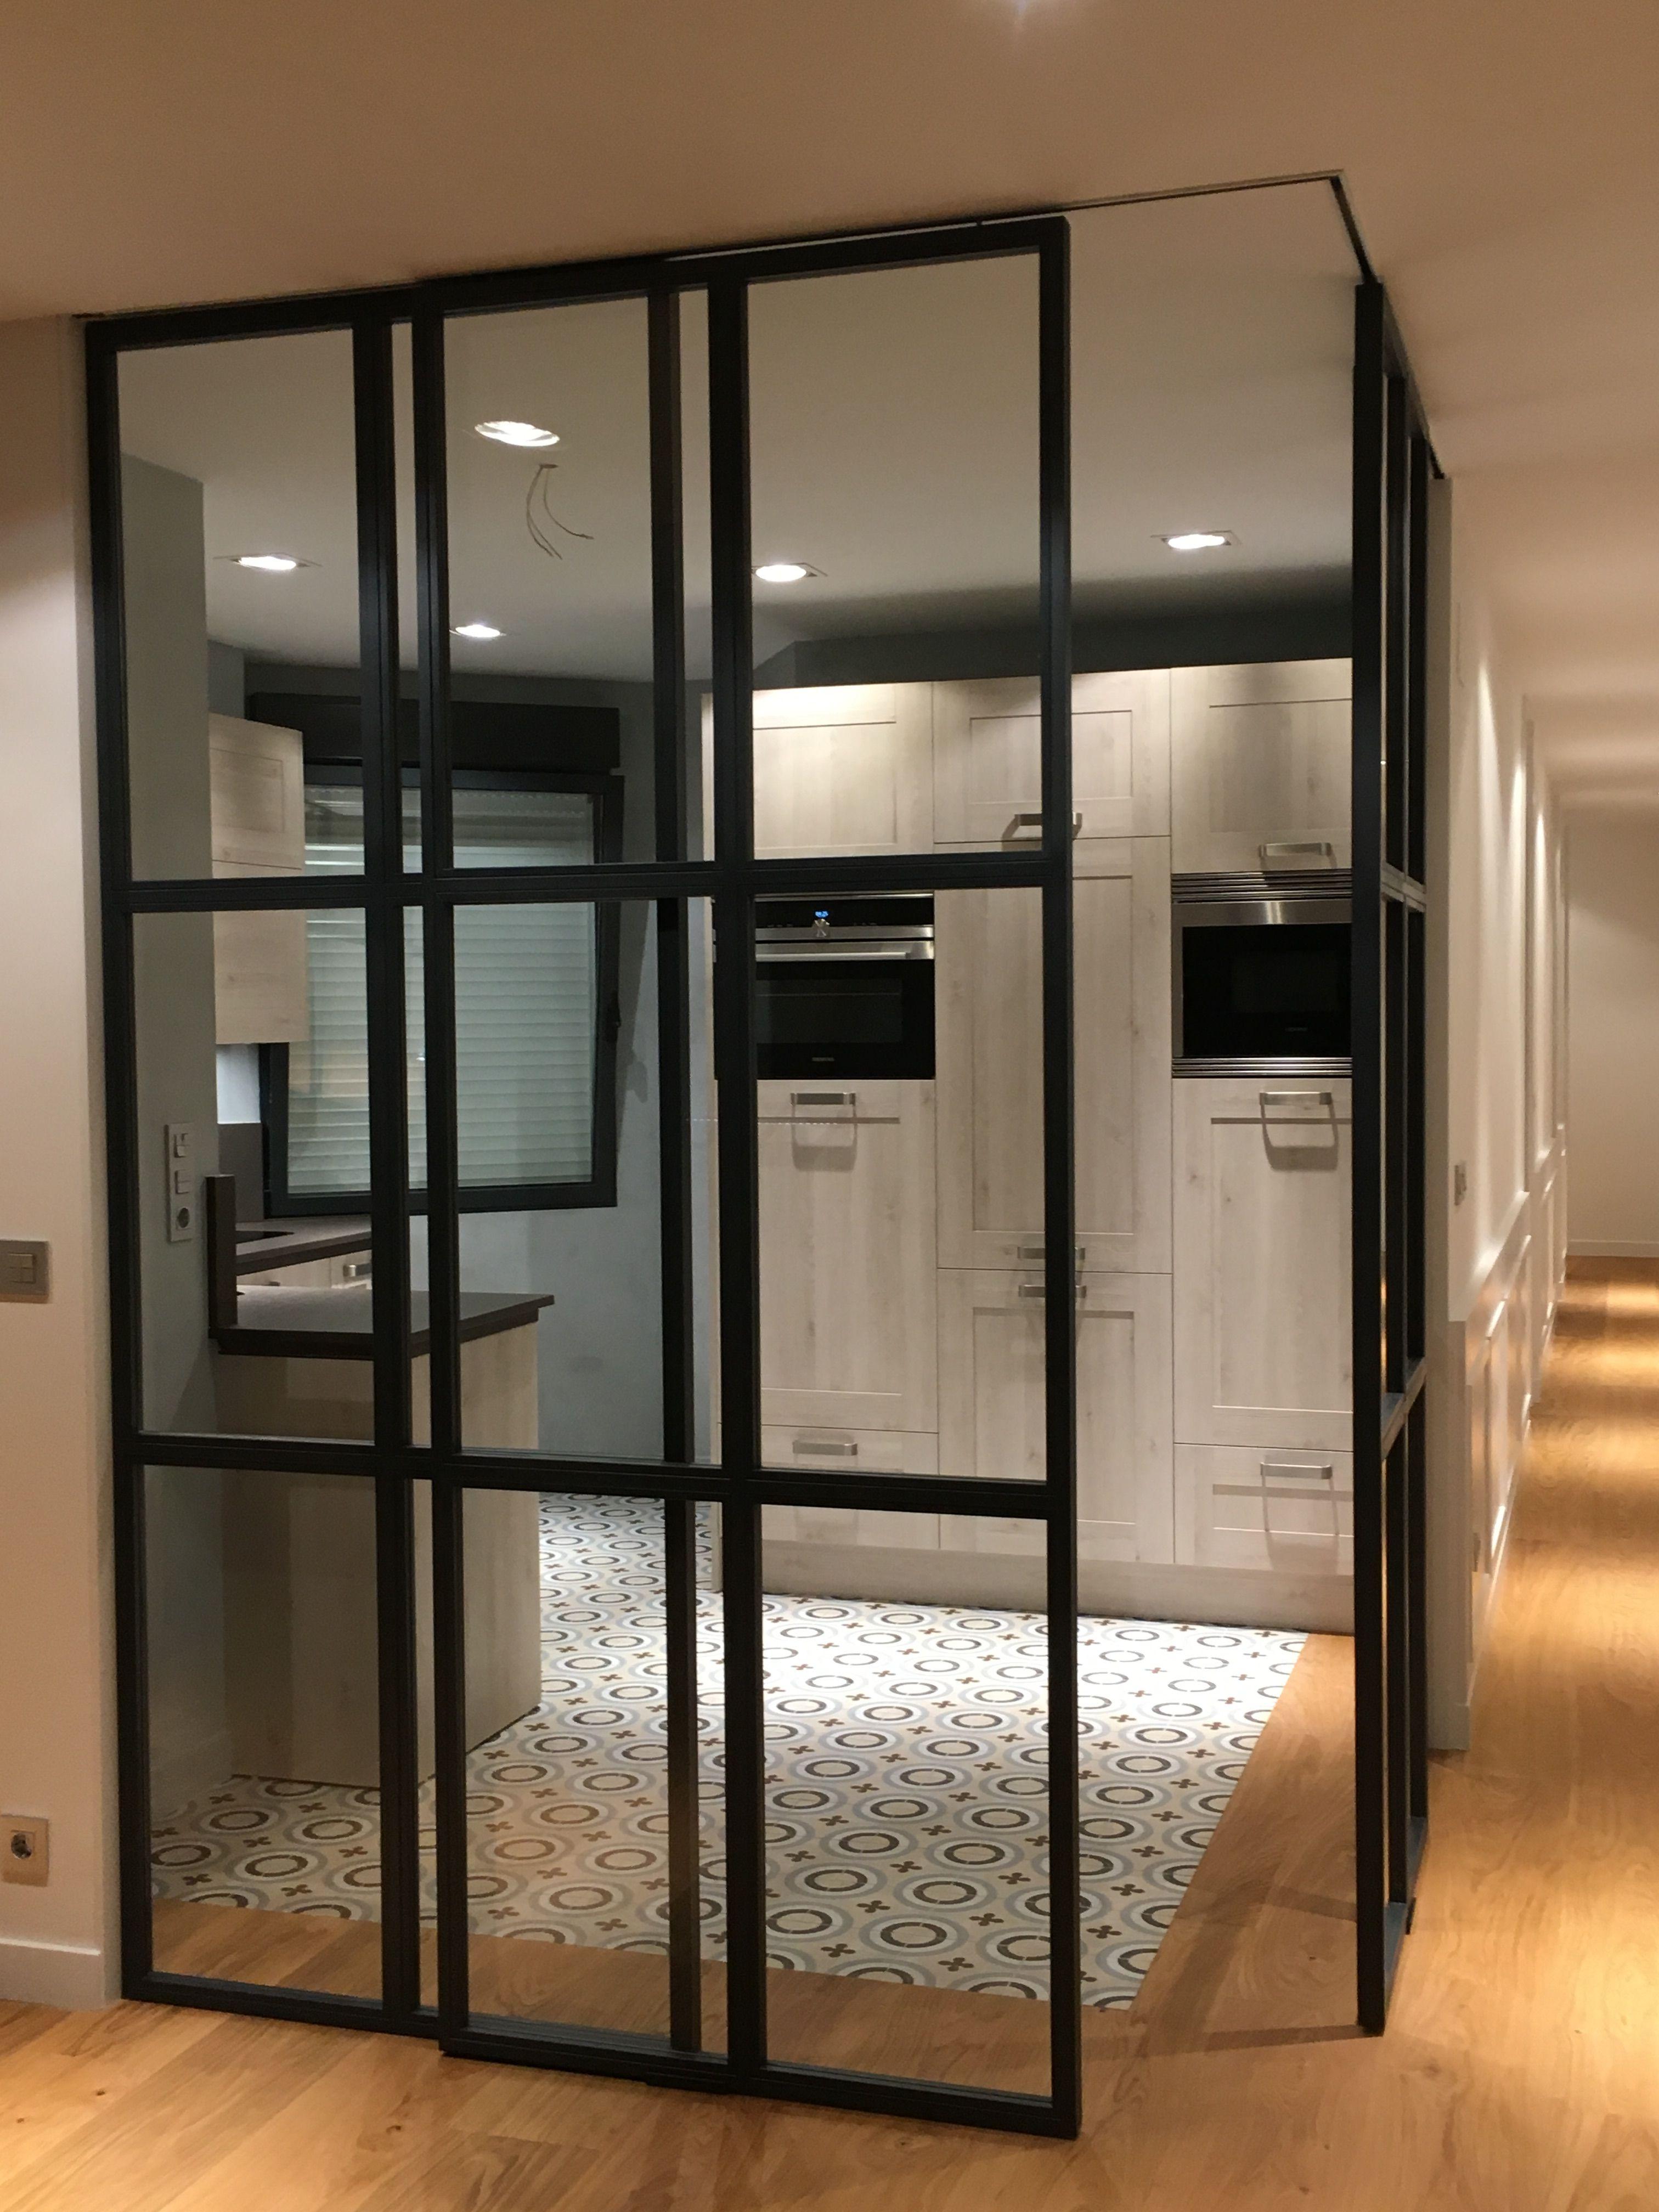 Consejos para elegir los muebles de cocina ateak - Puertas de cristal para interiores ...